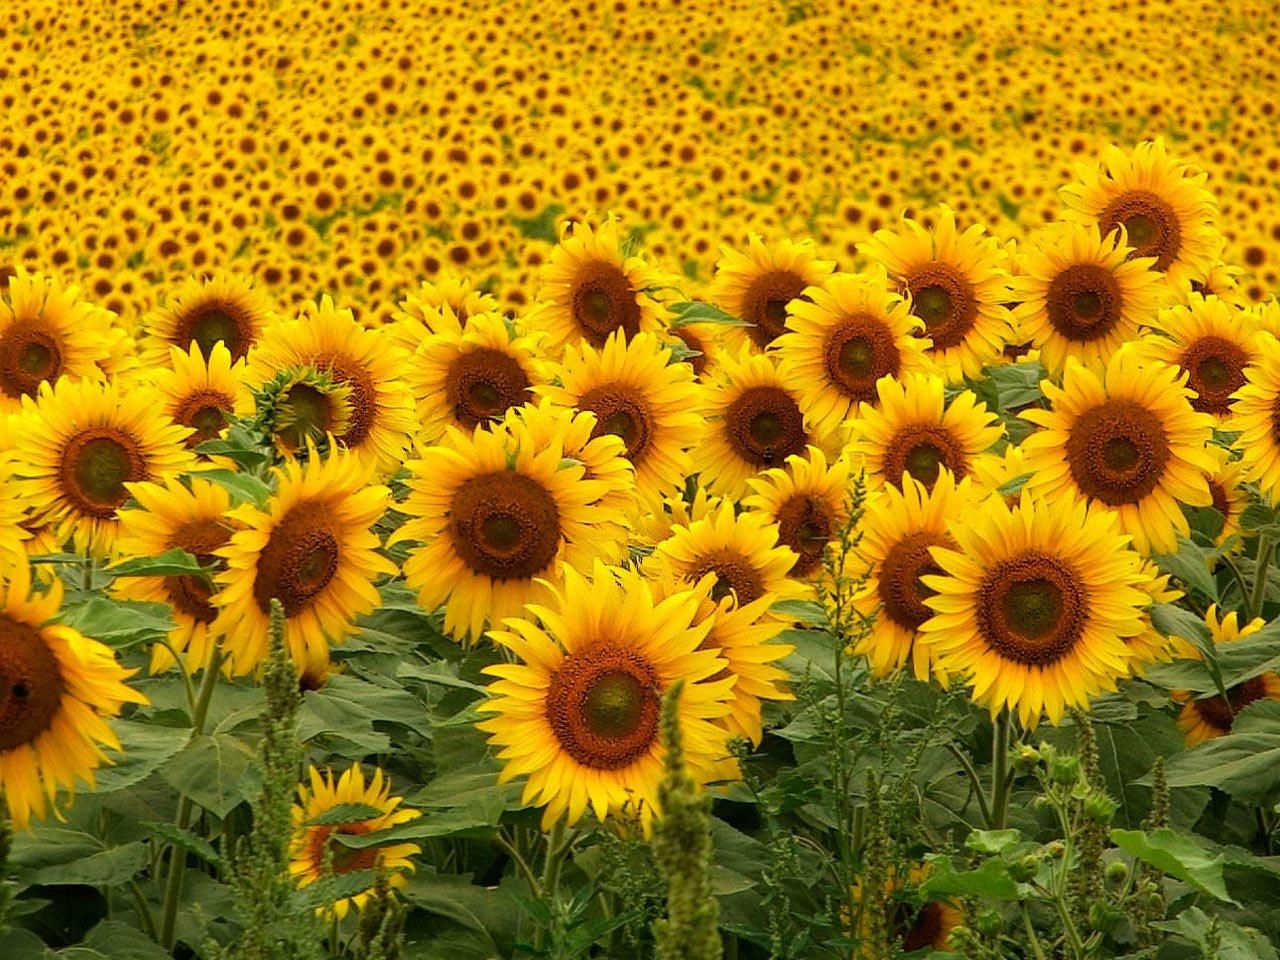 Beautiful sunflowers field wallpaper 1280x960 izmirmasajfo